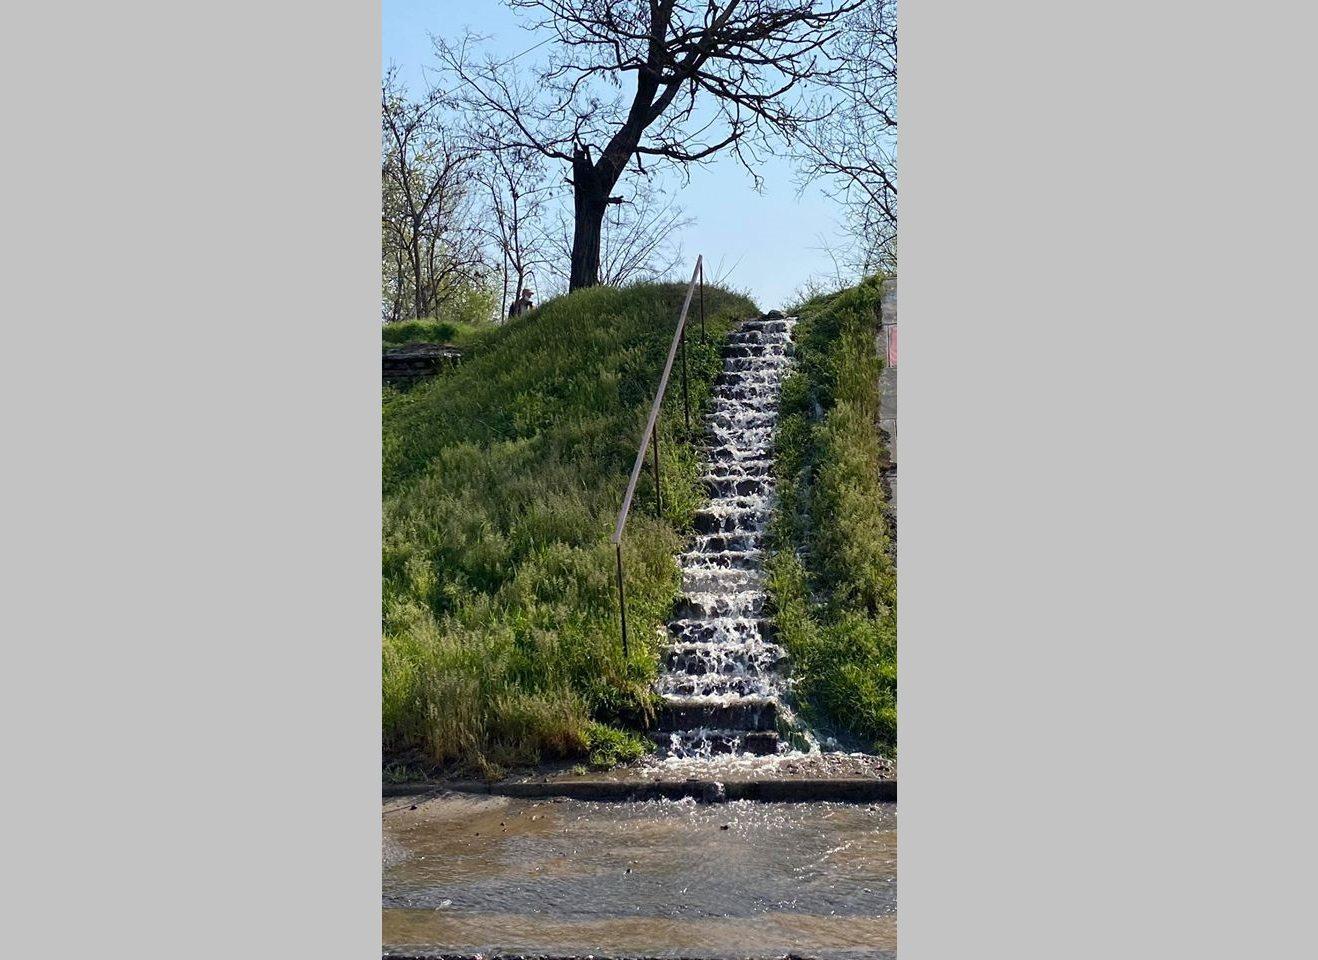 водопровод, авария, мост, водопад